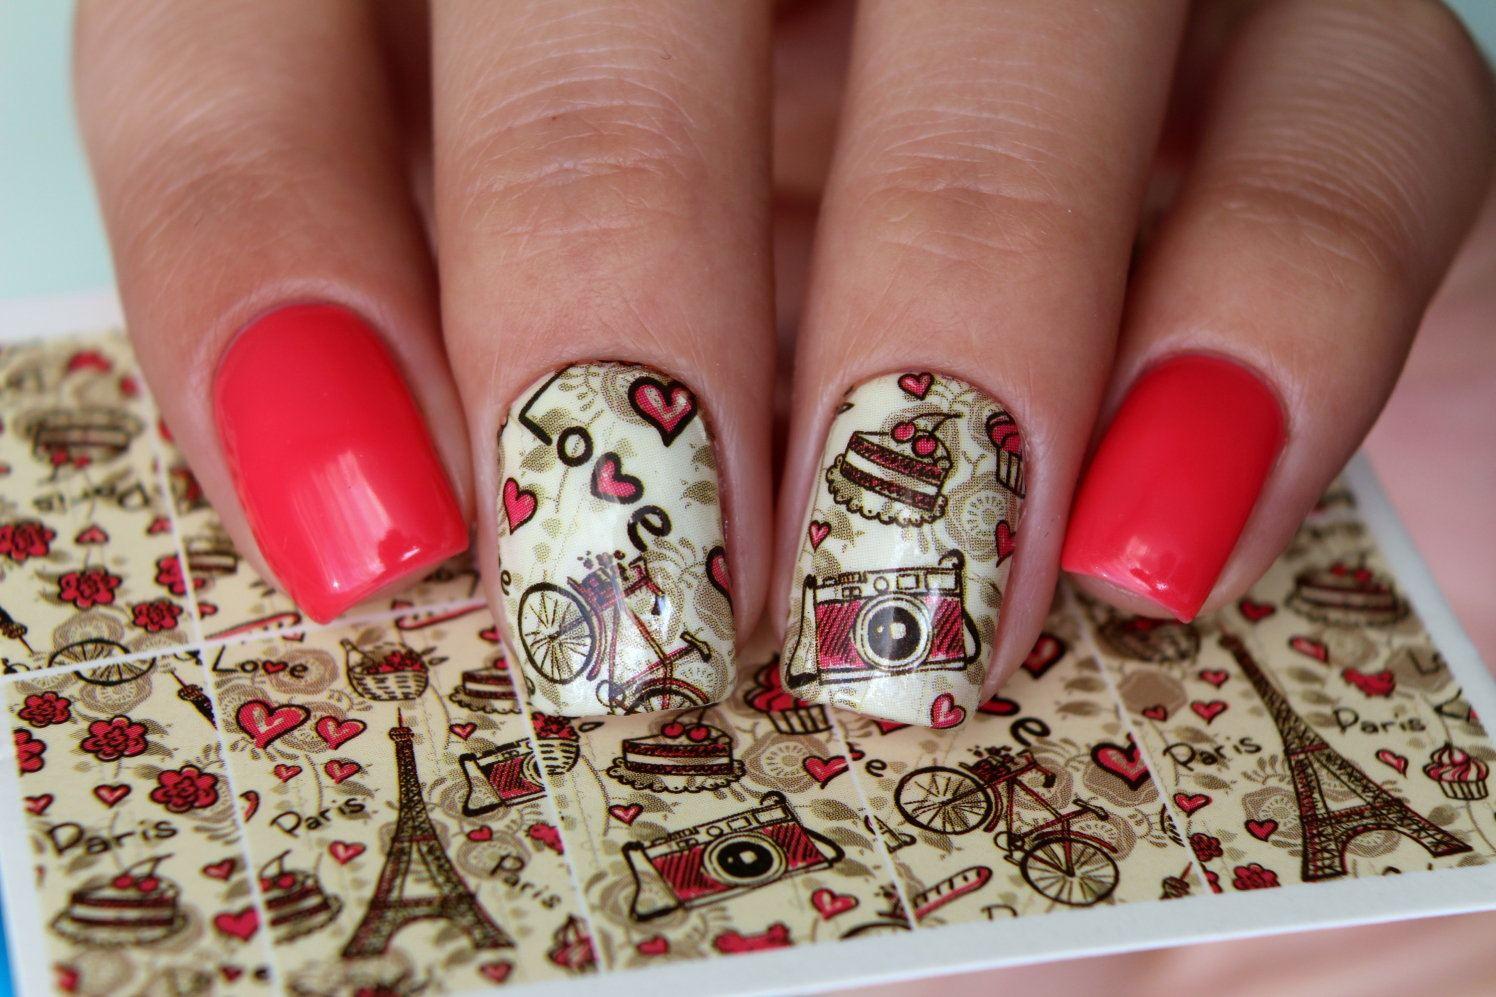 Фото слайдов на ногти